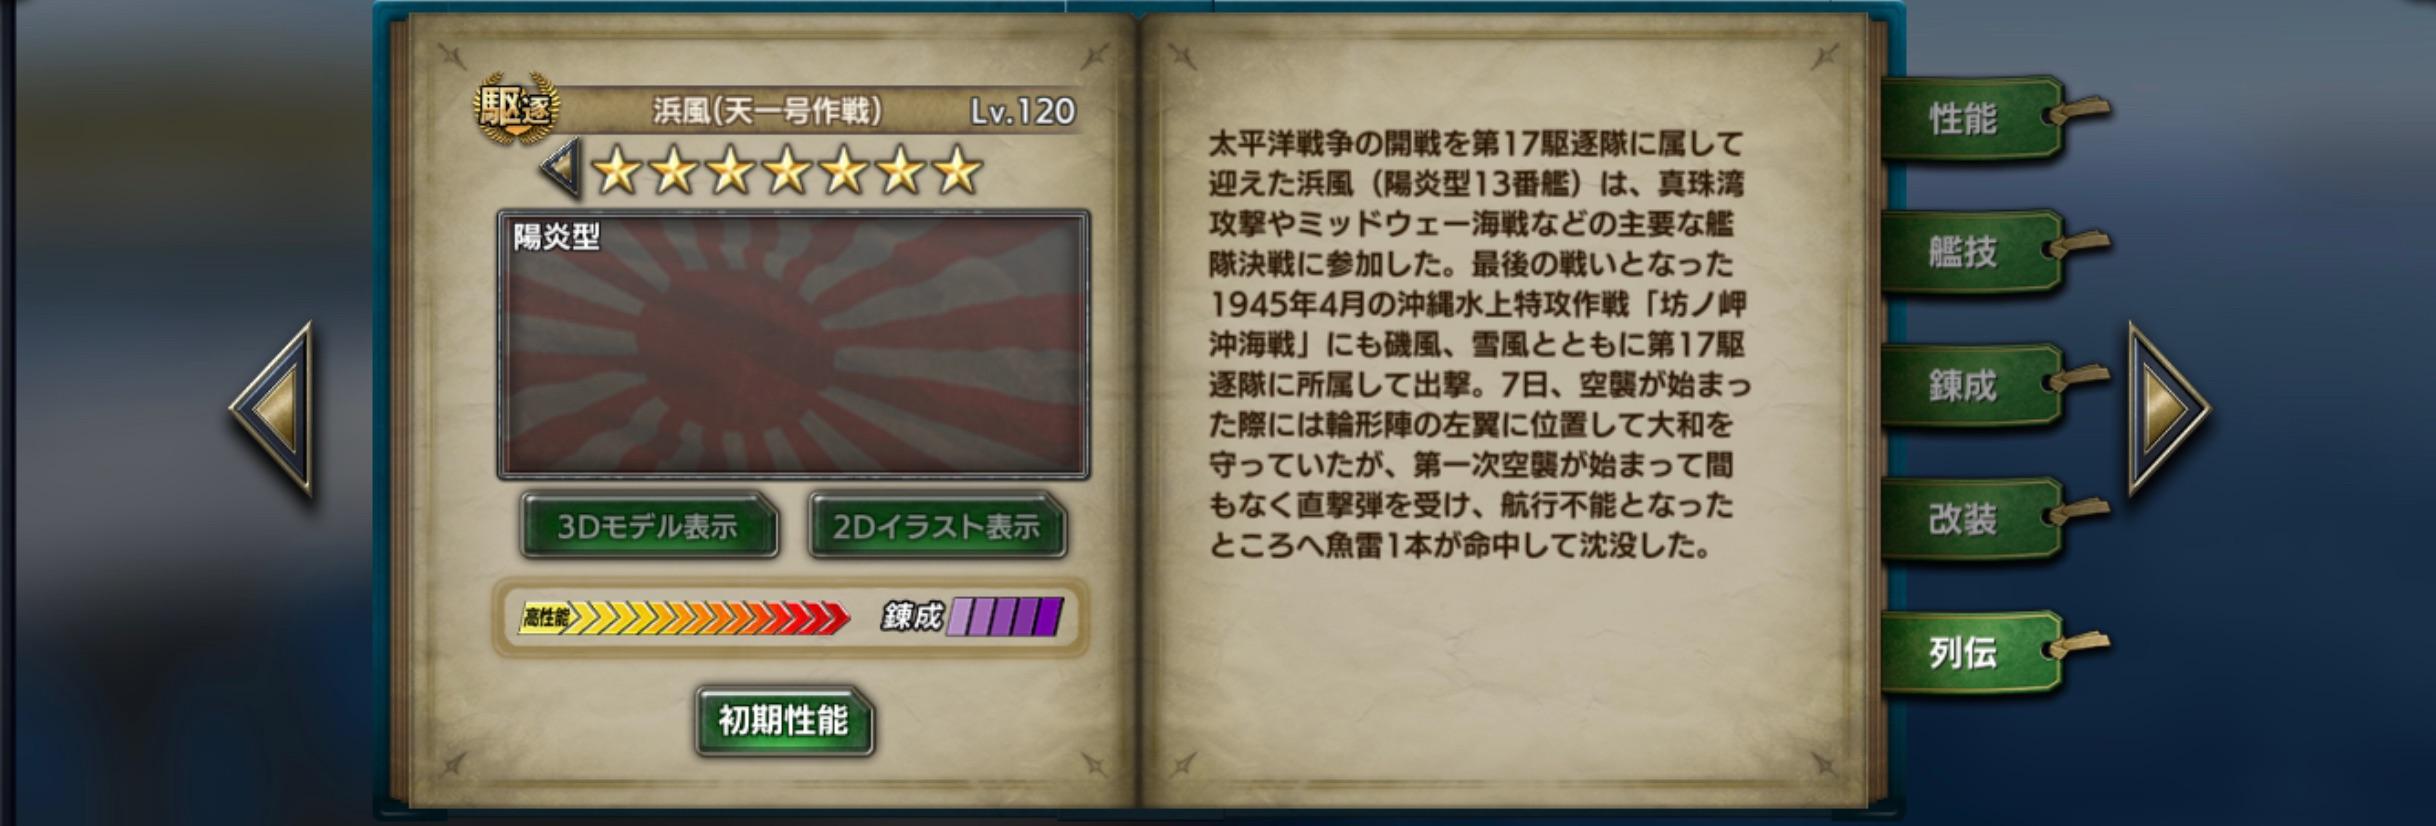 HamakazeT-history